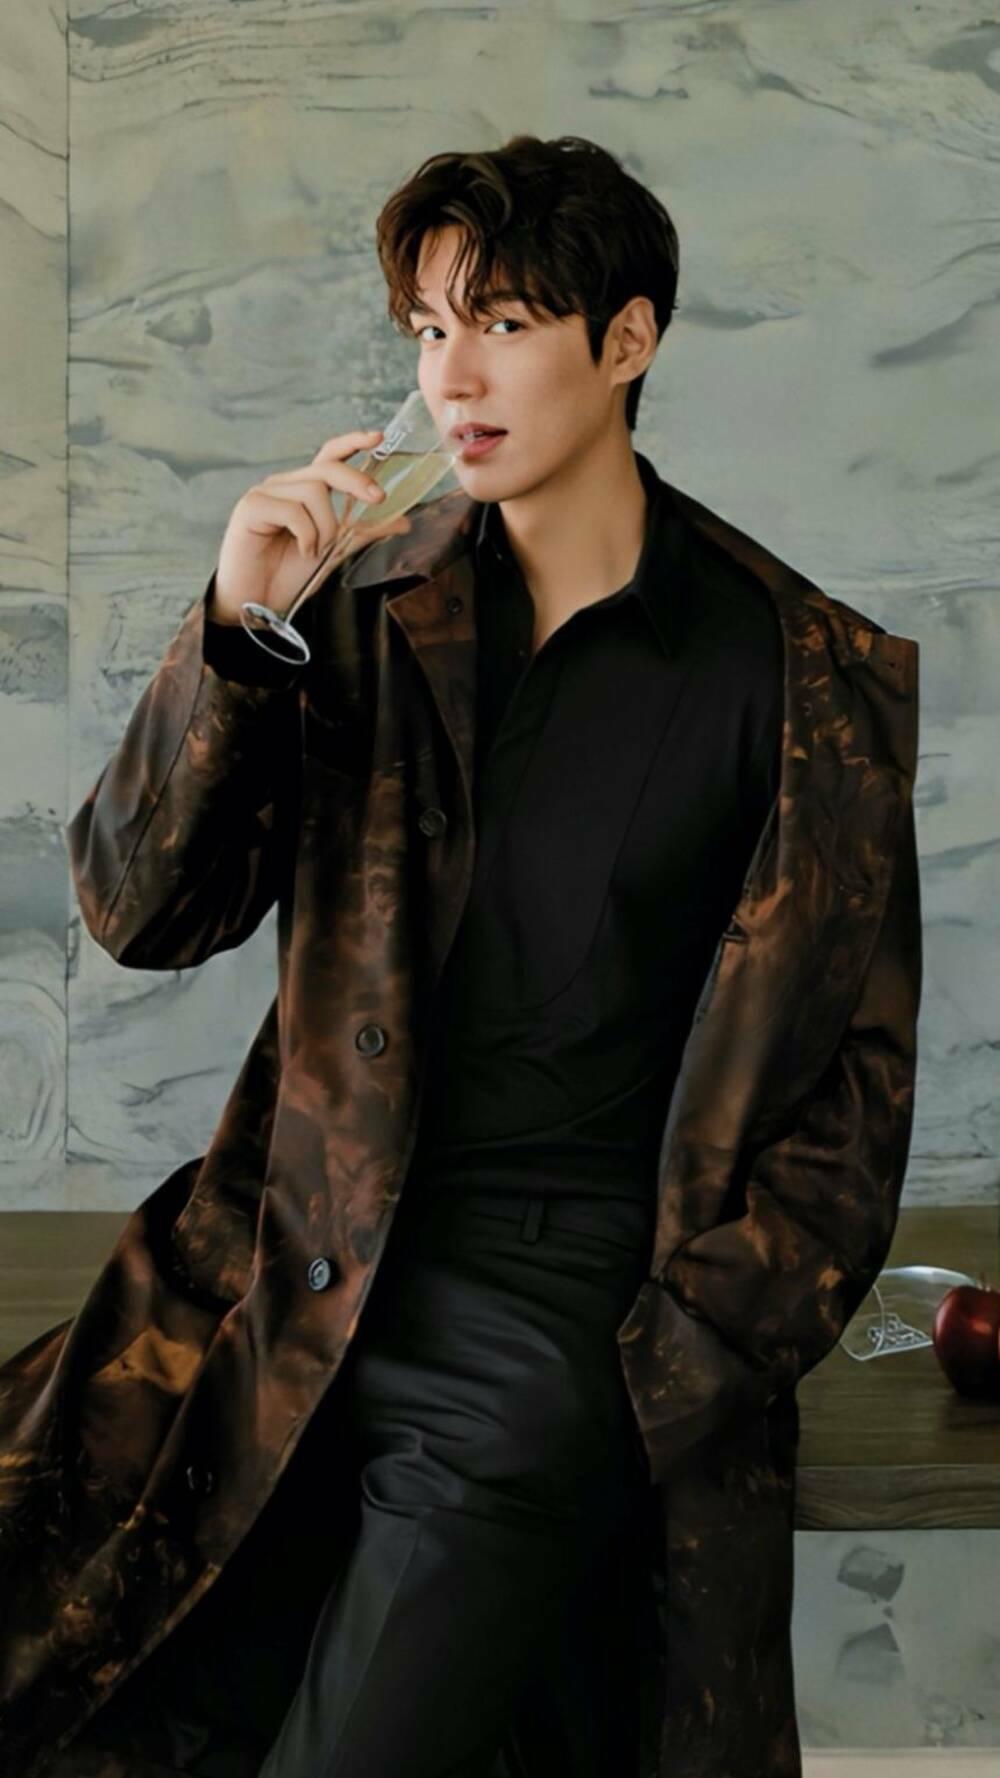 10 nam diễn viên Hàn được theo dõi nhiều nhất trên Instagram: Lee Min Ho có nắm chắc ngôi vương?